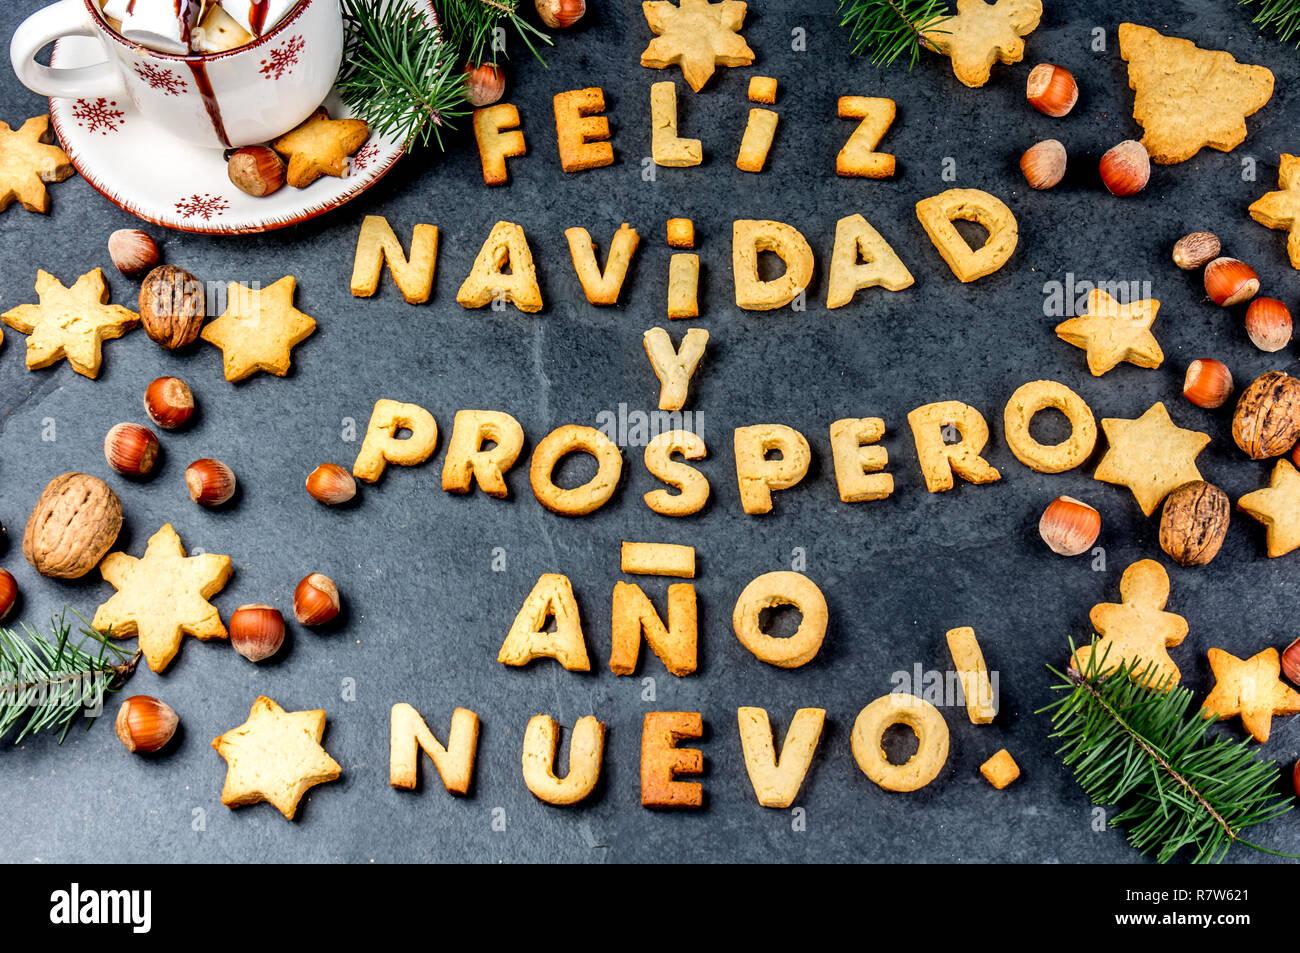 Parole Di Buon Natale.Feliz Navidad En Spagnolo I Cookie Parole Buon Natale E